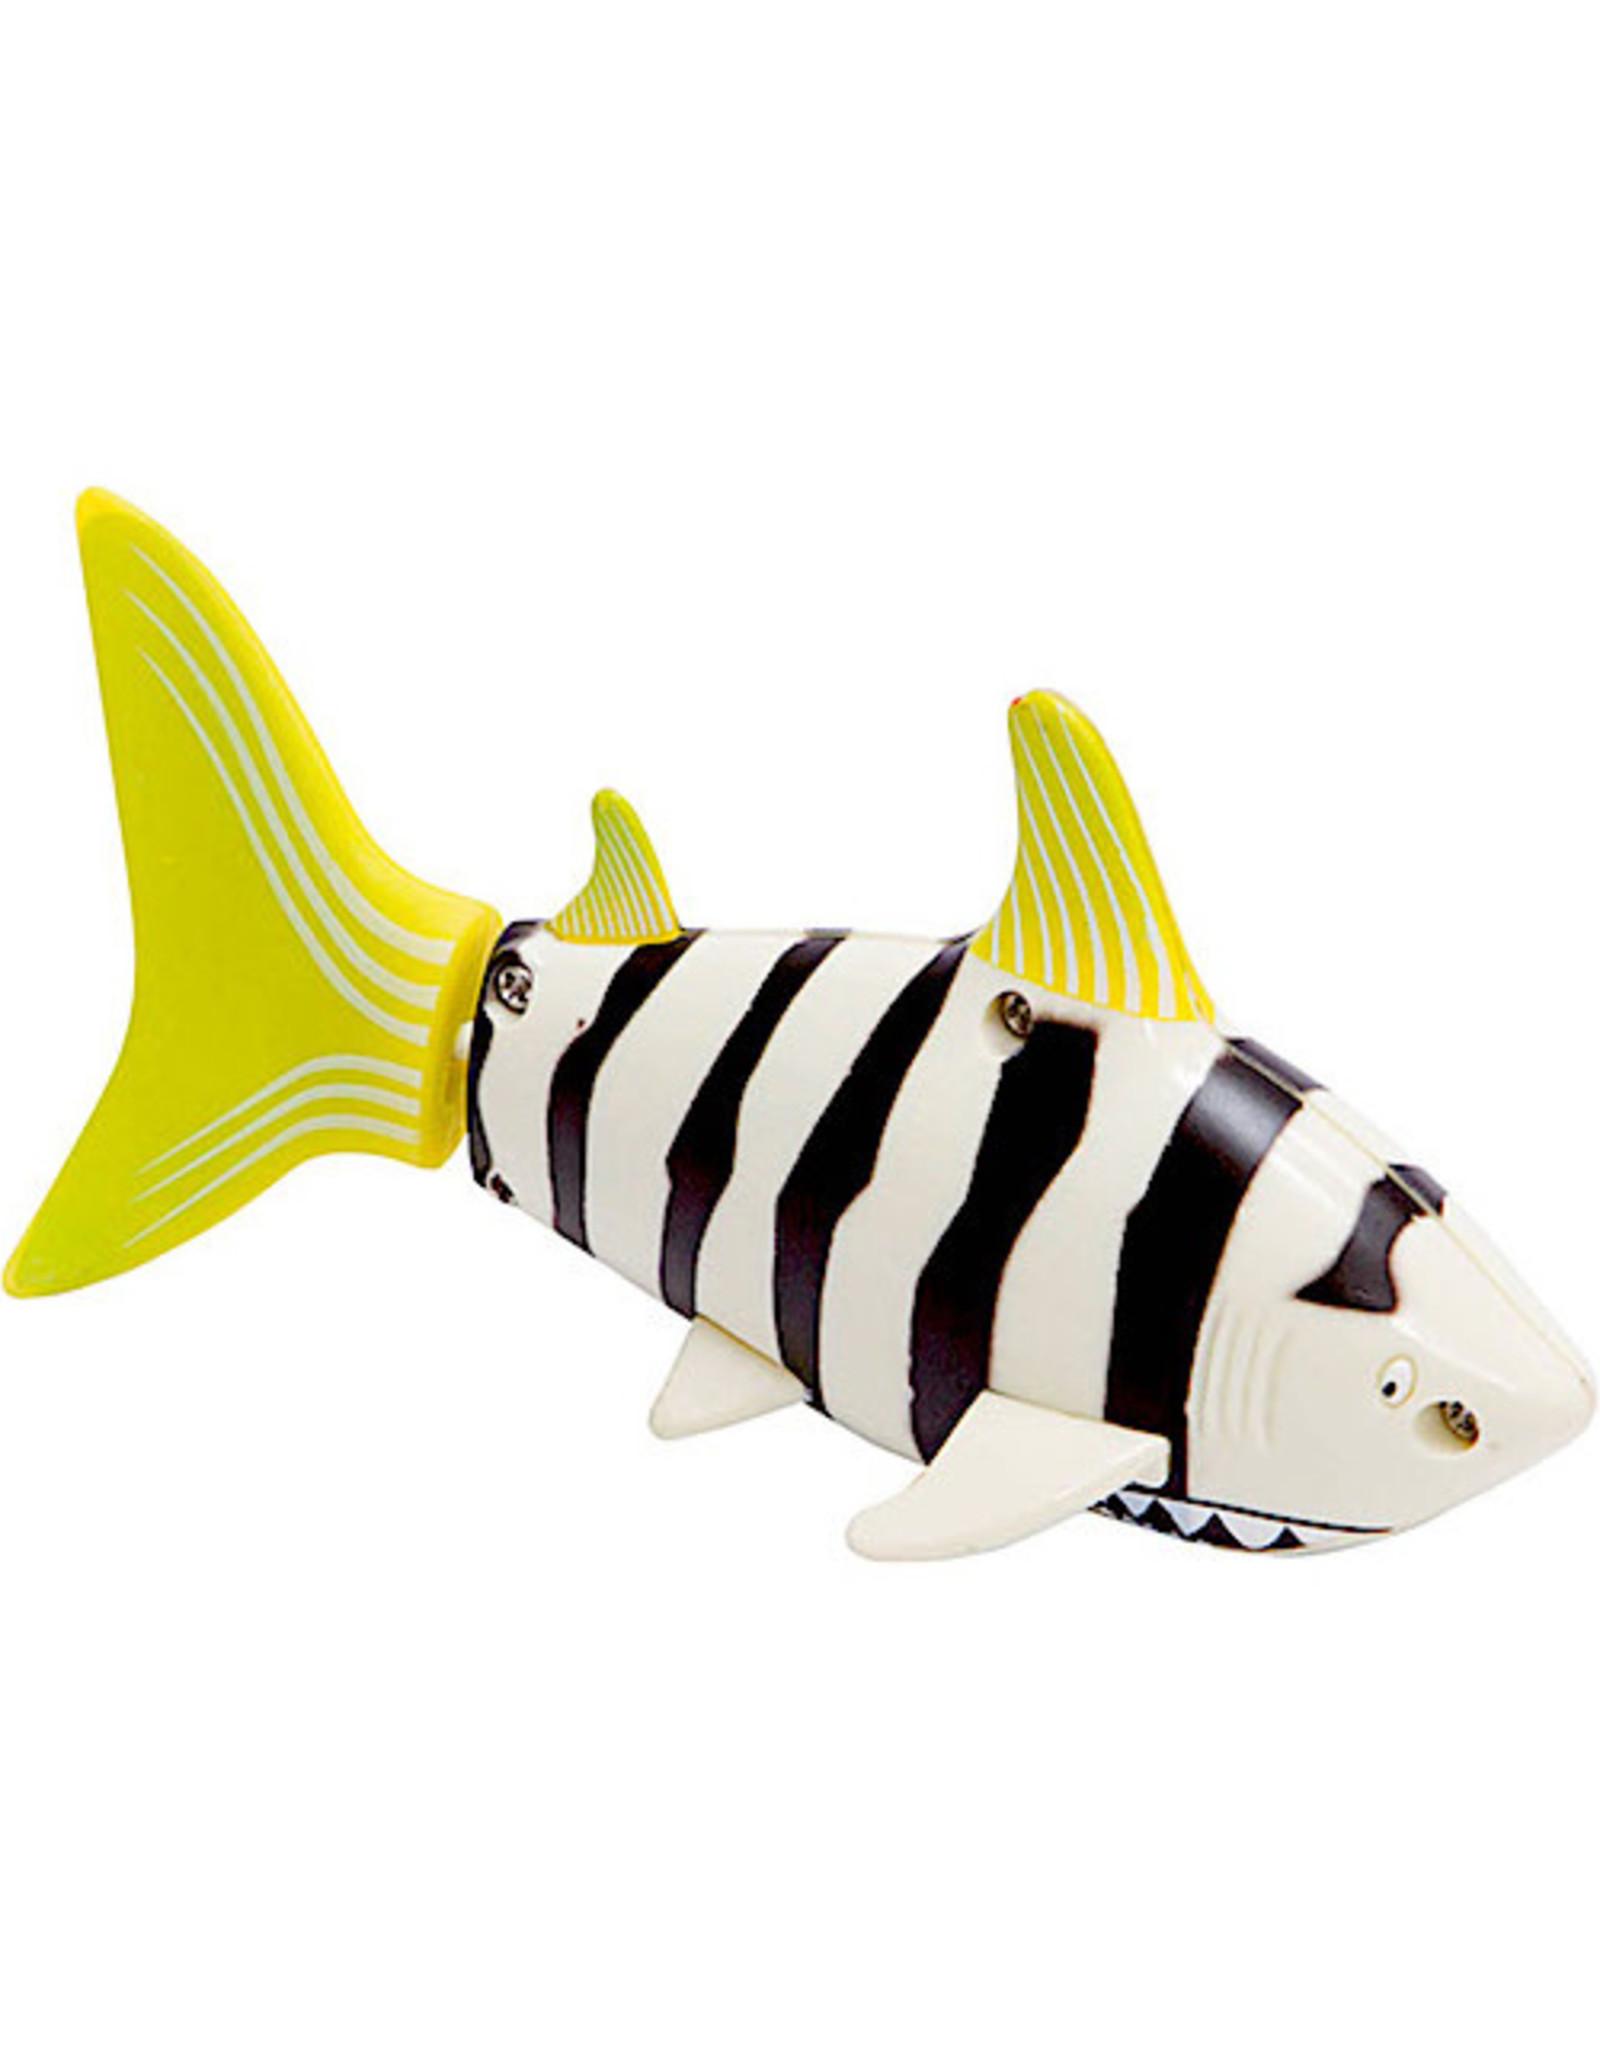 HQ Kites RC Mini Shark